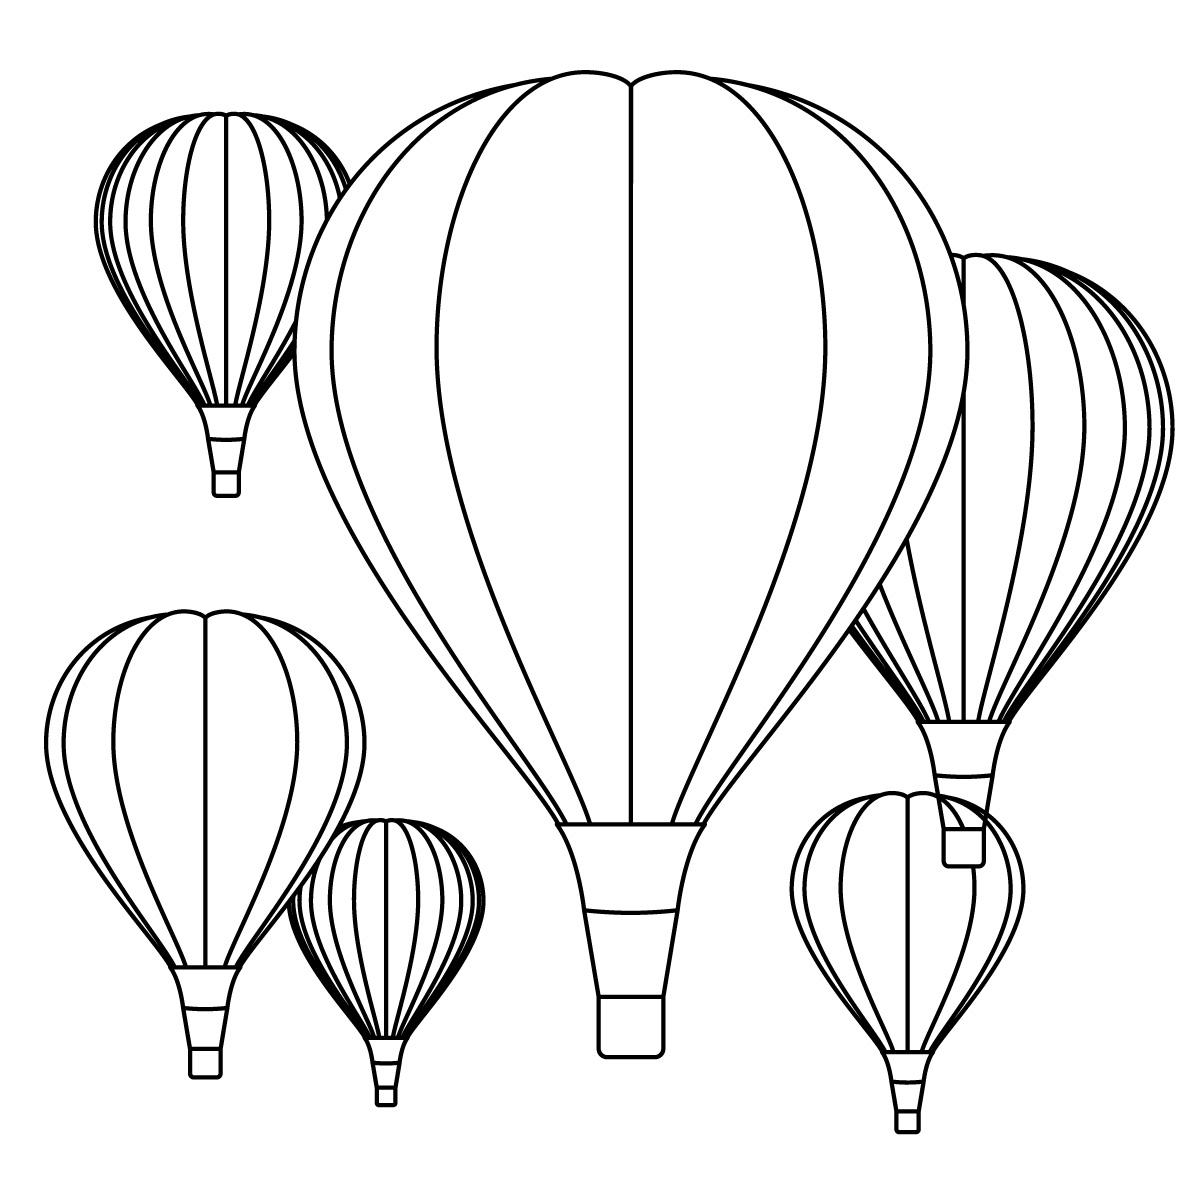 Hot Air Balloon Coloring Pages - Free Printables | Hot air balloons ...